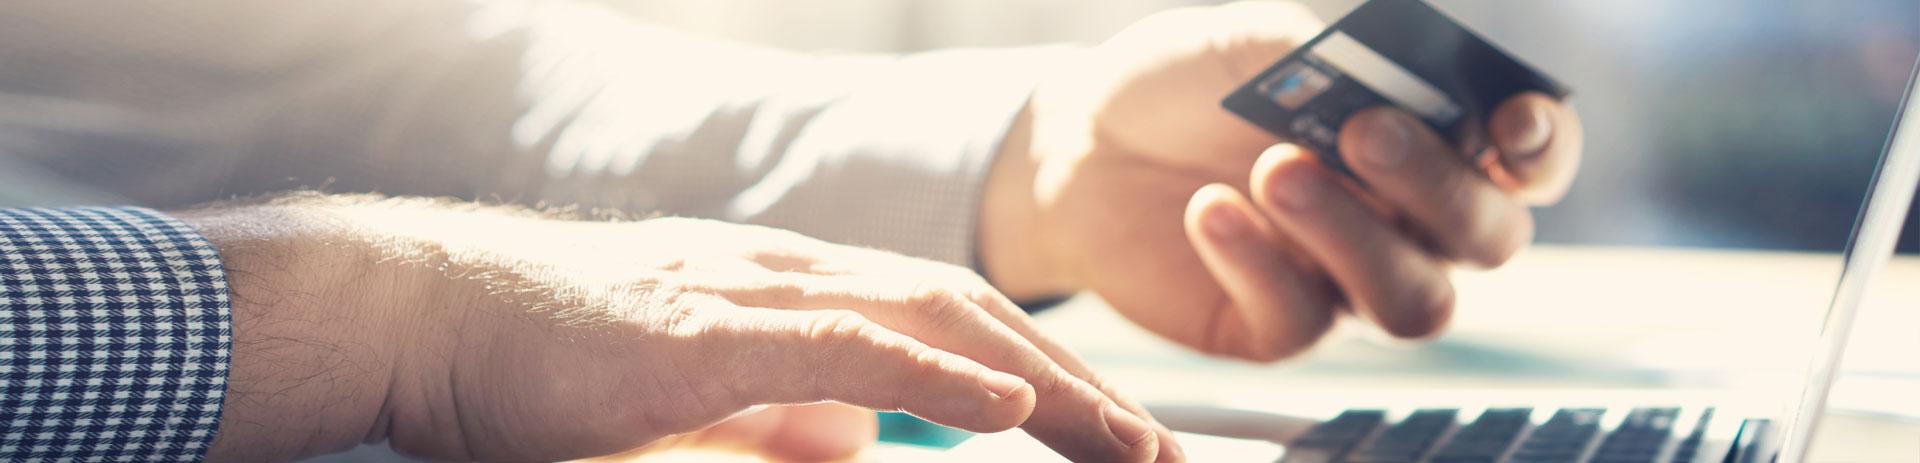 Hände halten Kreditkarte vor geöffnetem Notebook